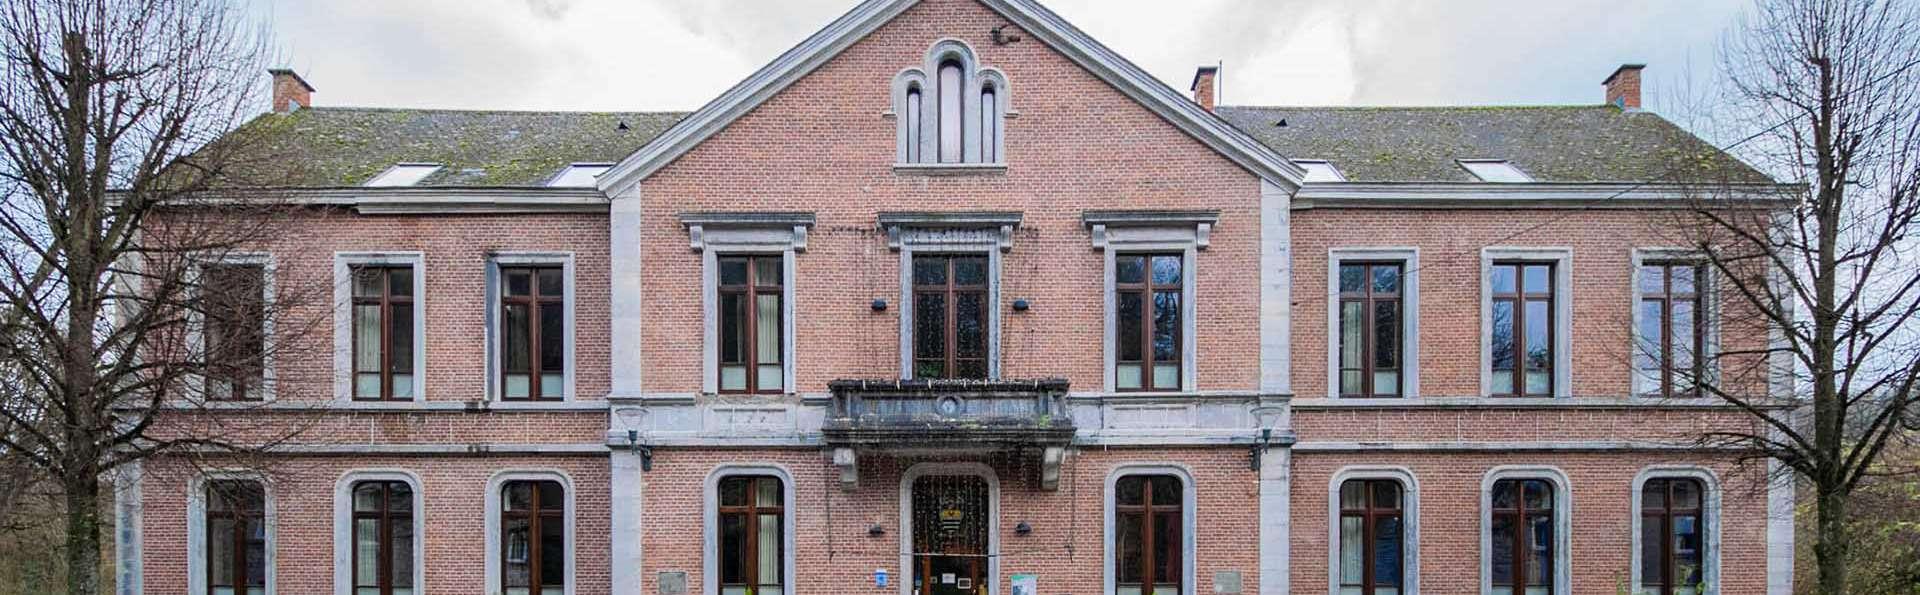 Hôtel des Comtes - EDIT_EXTERIOR_01.jpg